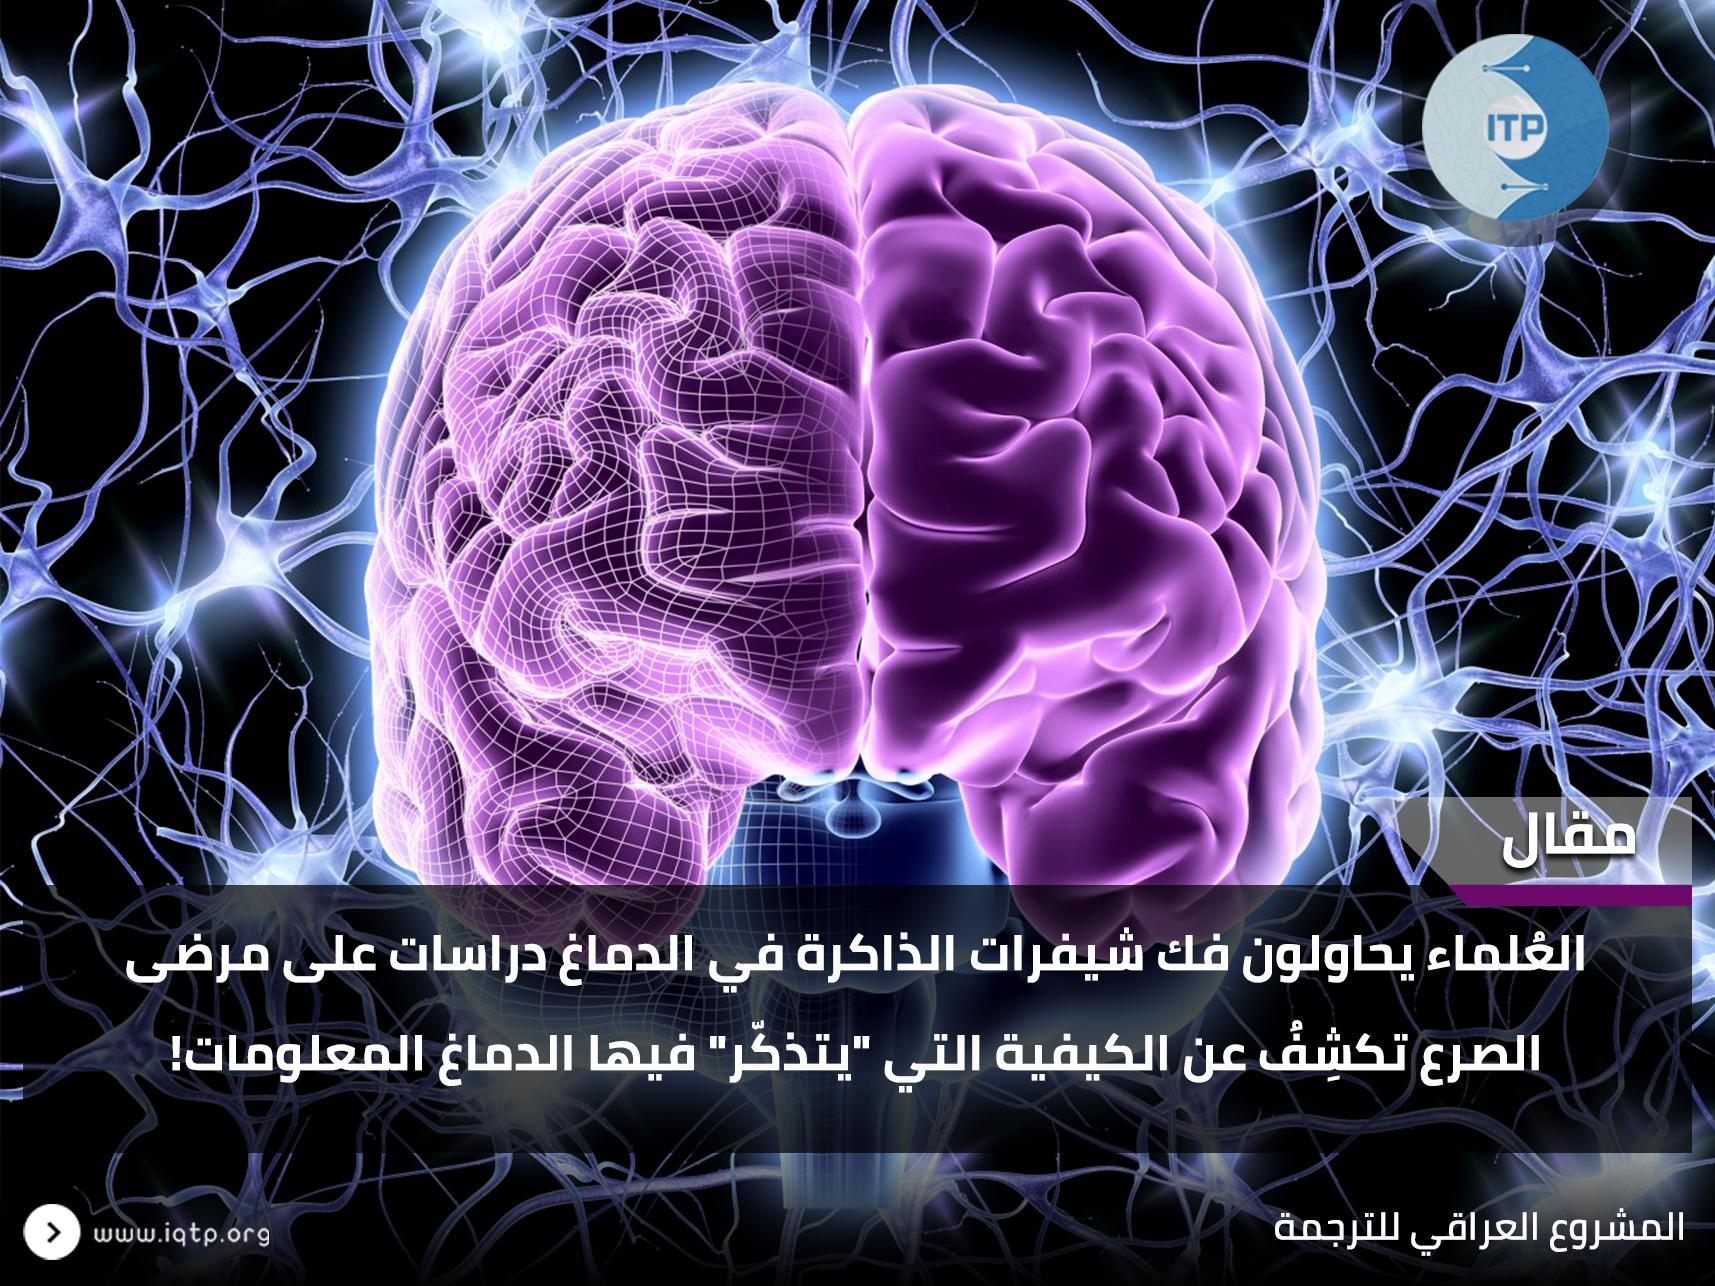 """العُلماء يحاولون فك شيفرات الذاكرة في الدماغ دراسات على مرضى الصرع تكشِفُ عن الكيفية التي """"يتذكّر"""" فيها الدماغ المعلومات!"""